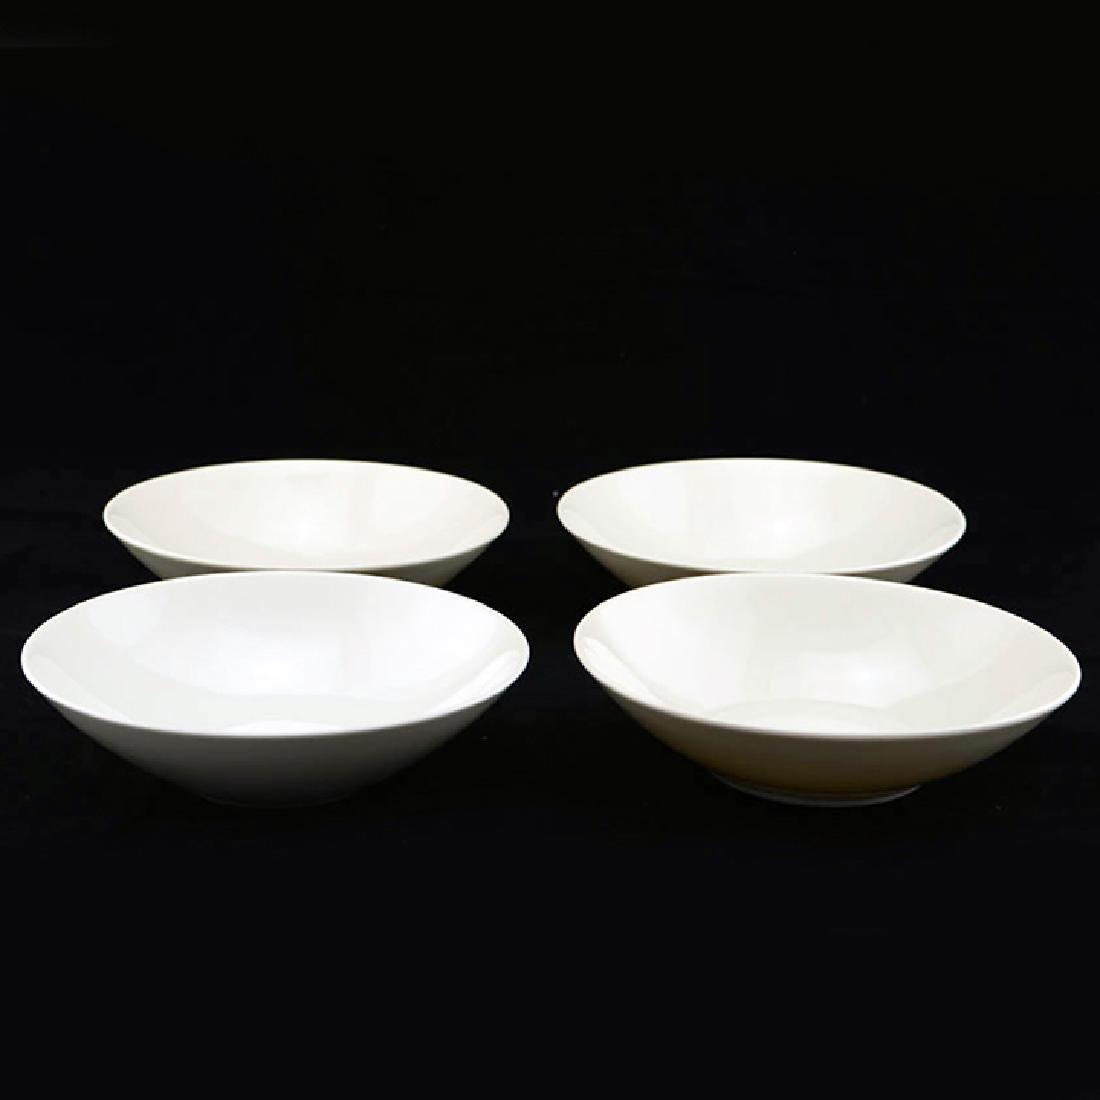 Eva Zeisel, 4 Museum Service Soup Bowls